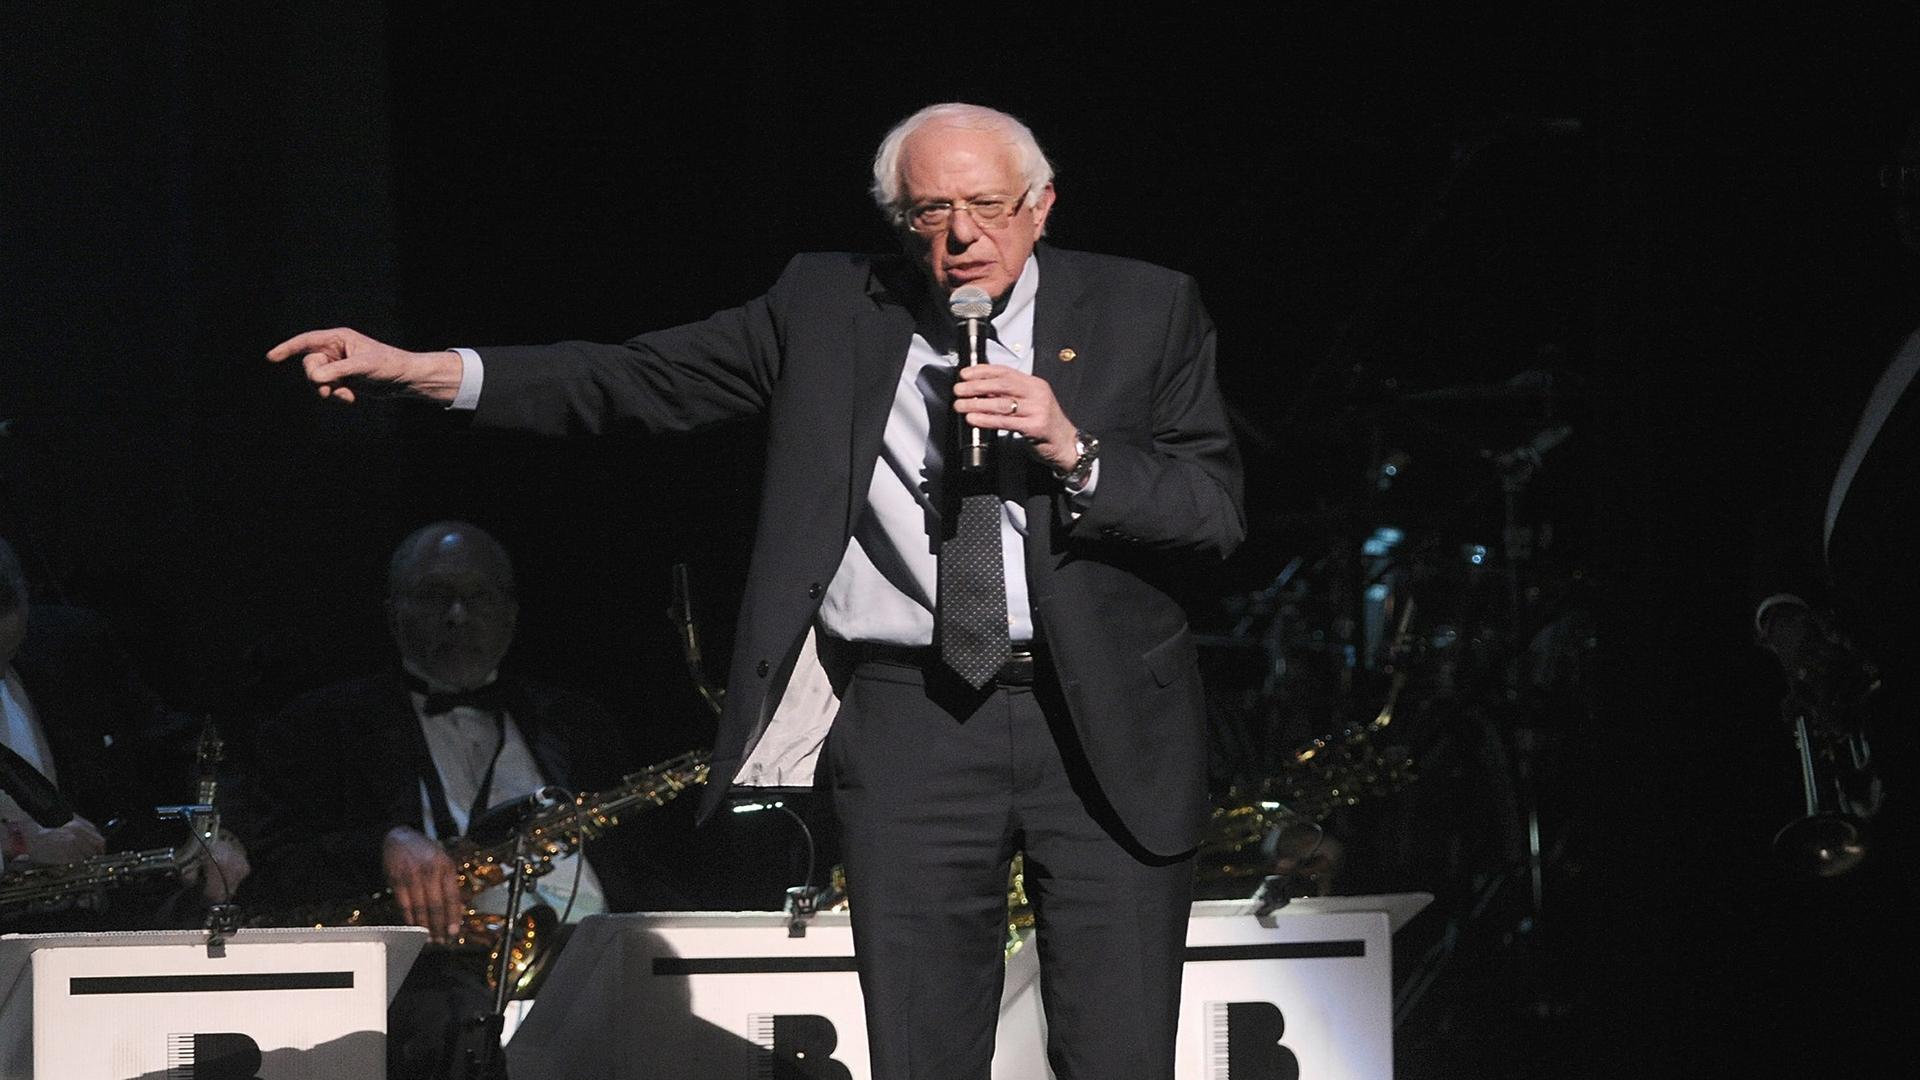 Bernie Sanders _1554556181906.jpg-846652698.jpg